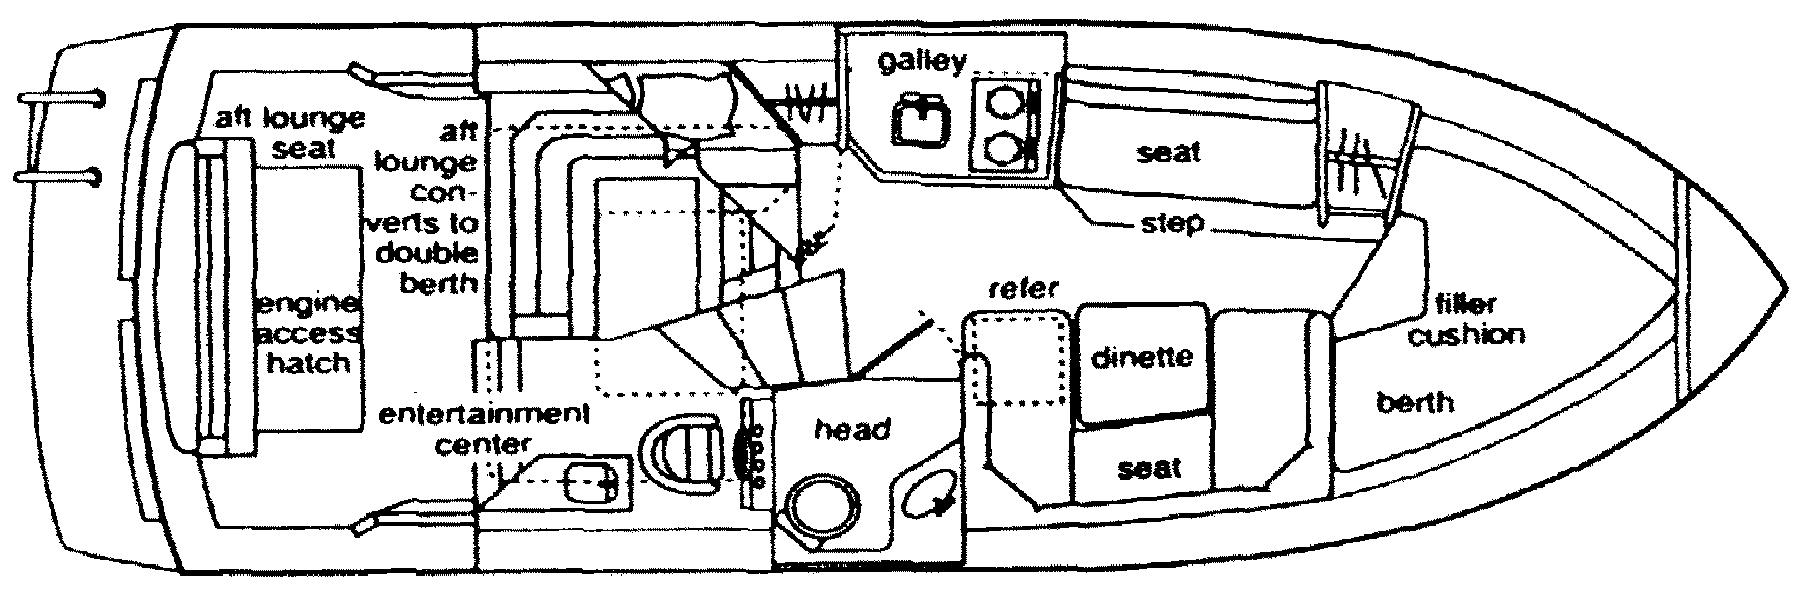 2955 Avanti Sunbridge Floor Plan 1